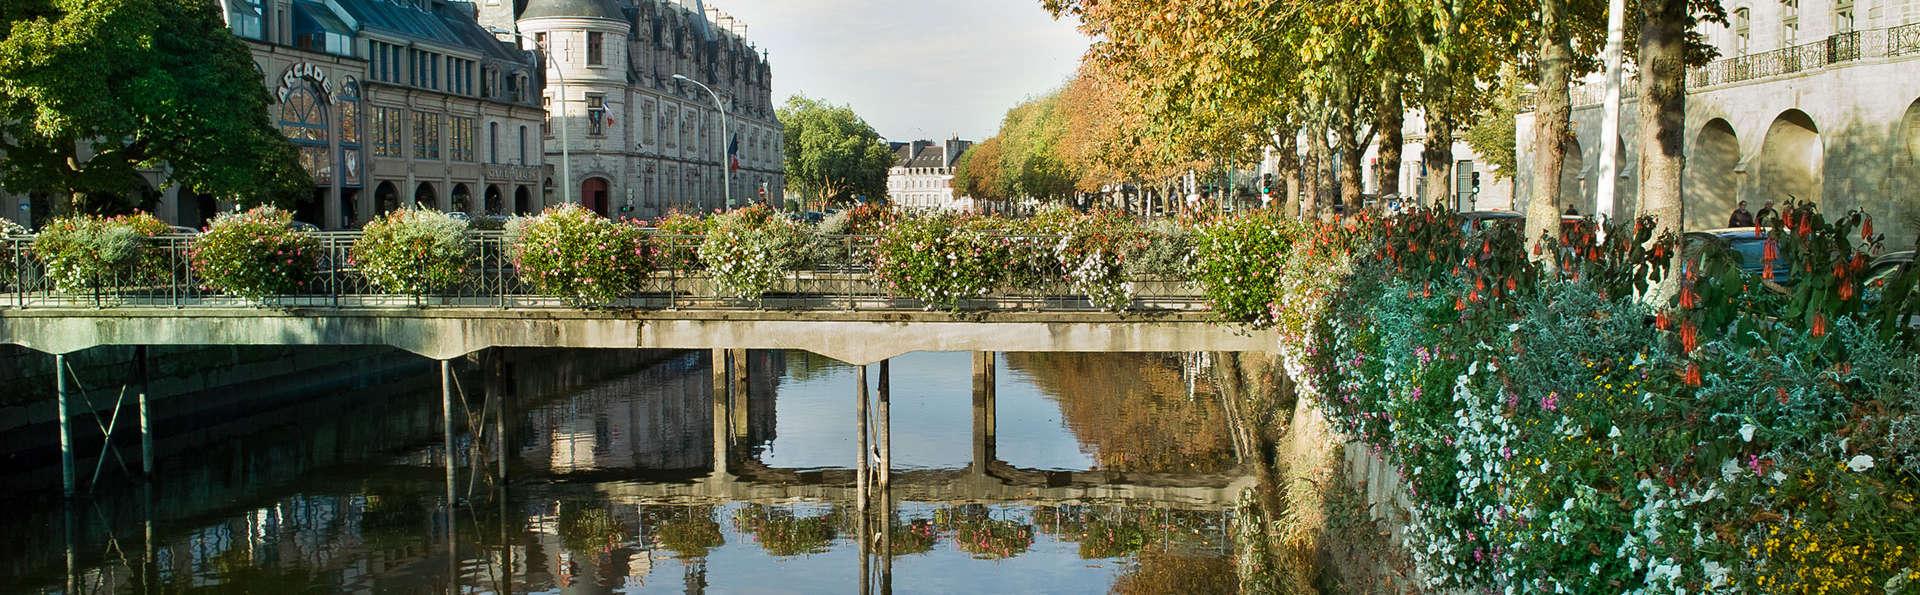 Vacancéole Le Domaine des Glénan - EDIT_QUIMPER_02.jpg